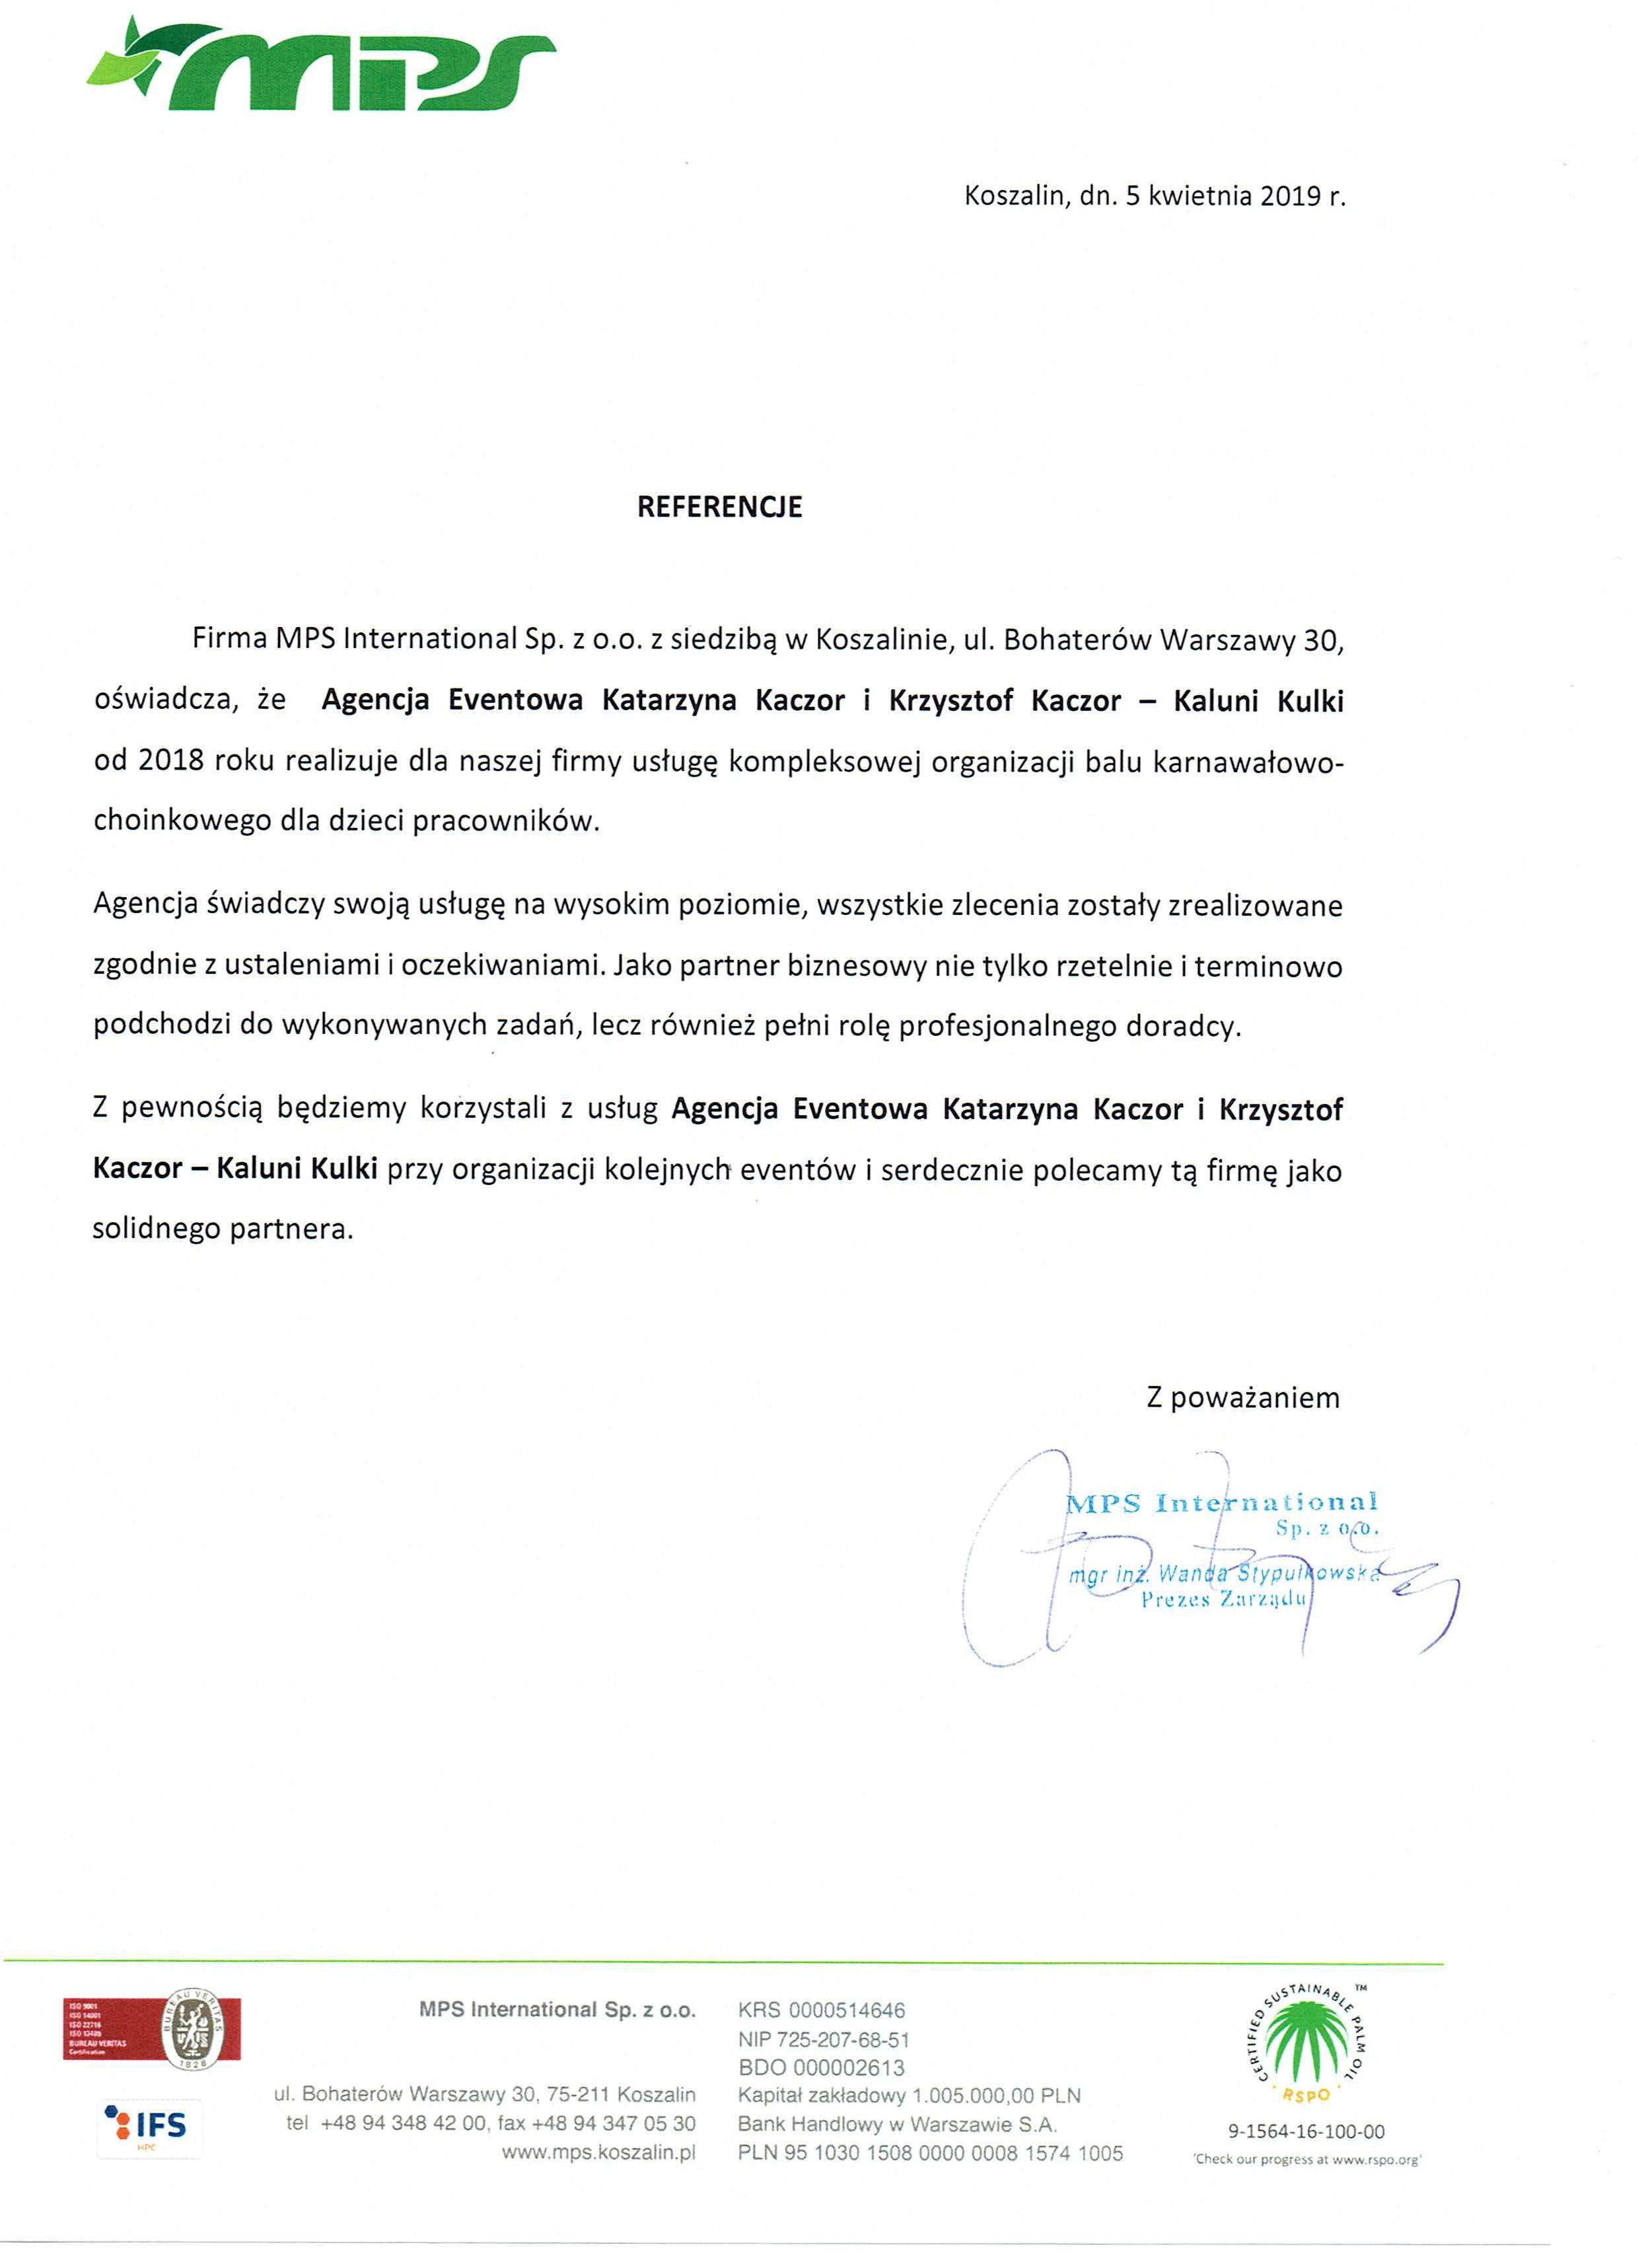 MPS International Prezes Zarządu mgr inż. Wanda Stypułkowska